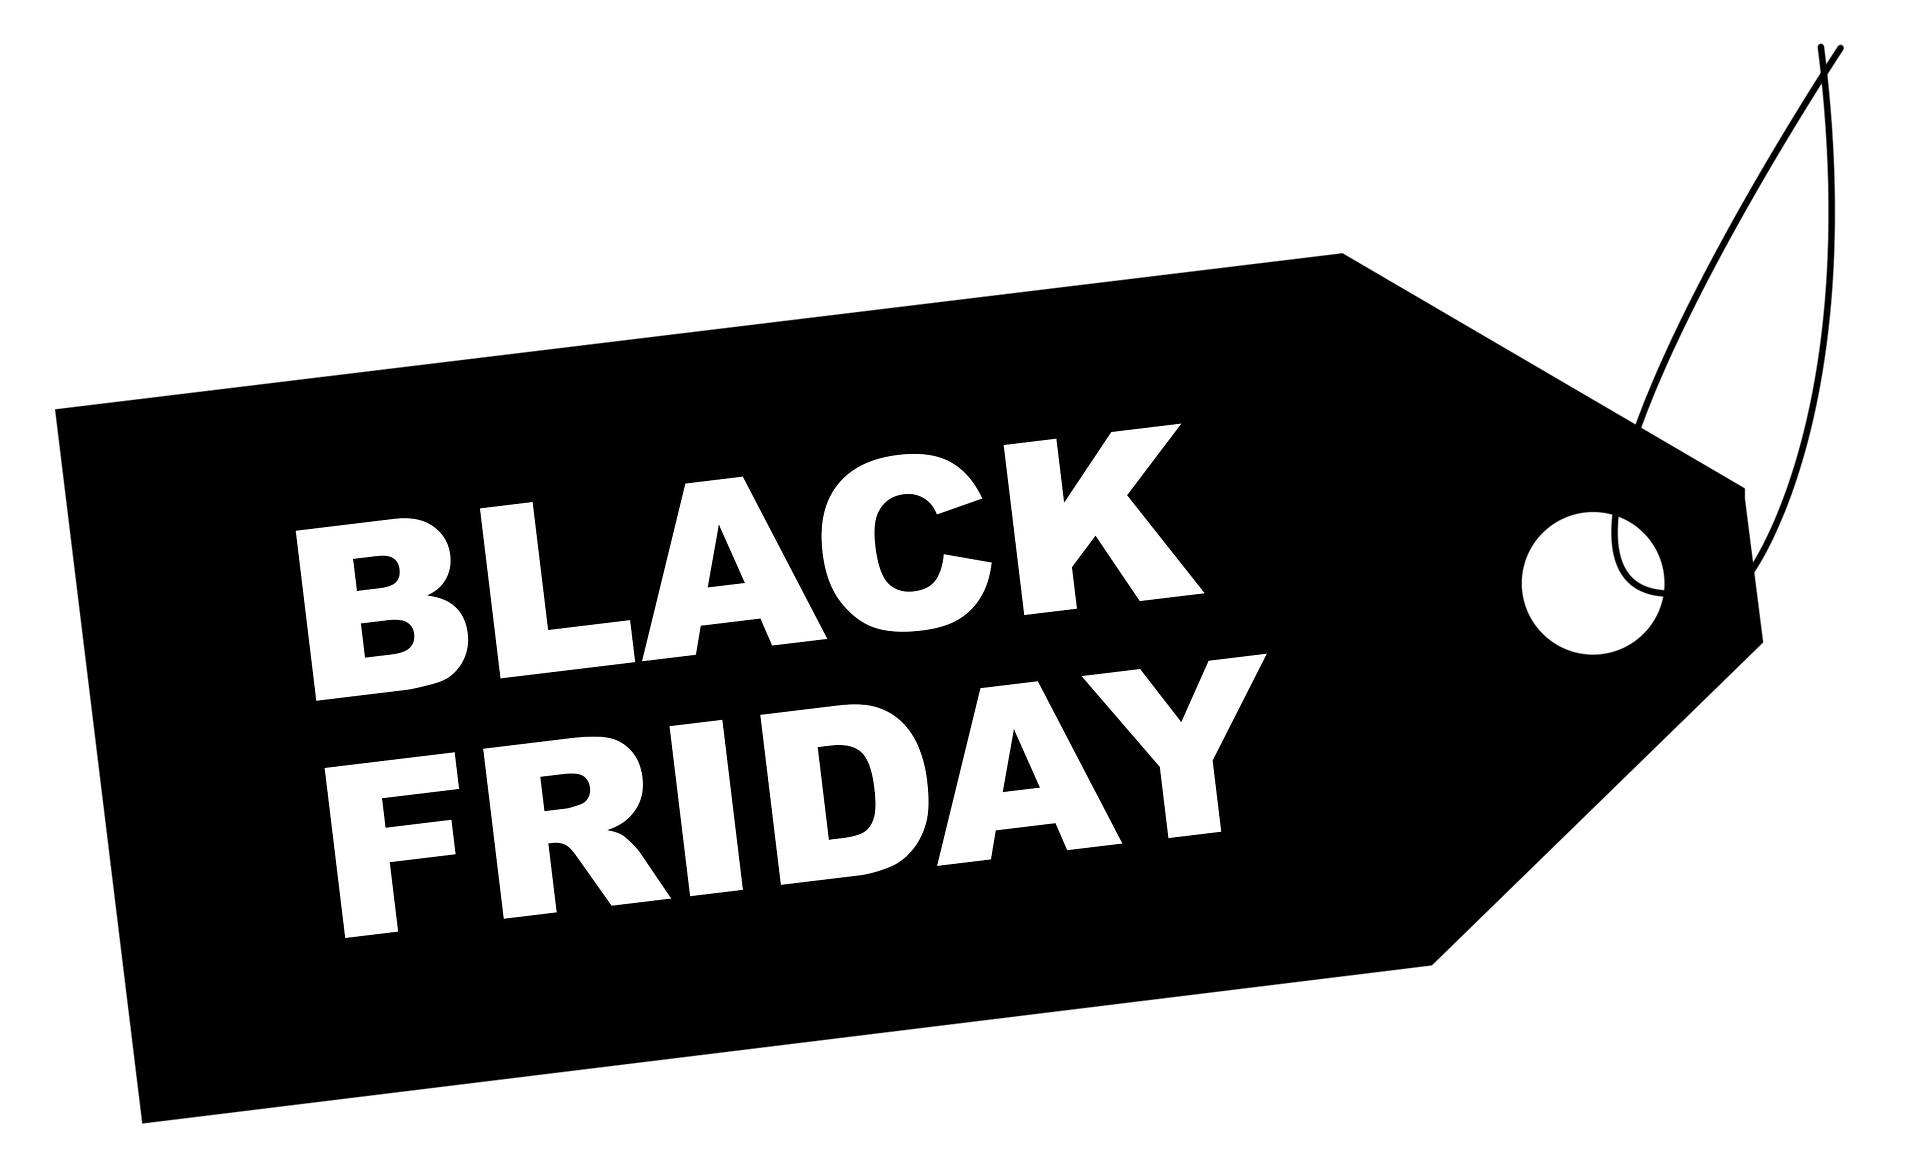 Black Friday 2017 Polska| Dzisiaj czarny piątek, czyli start